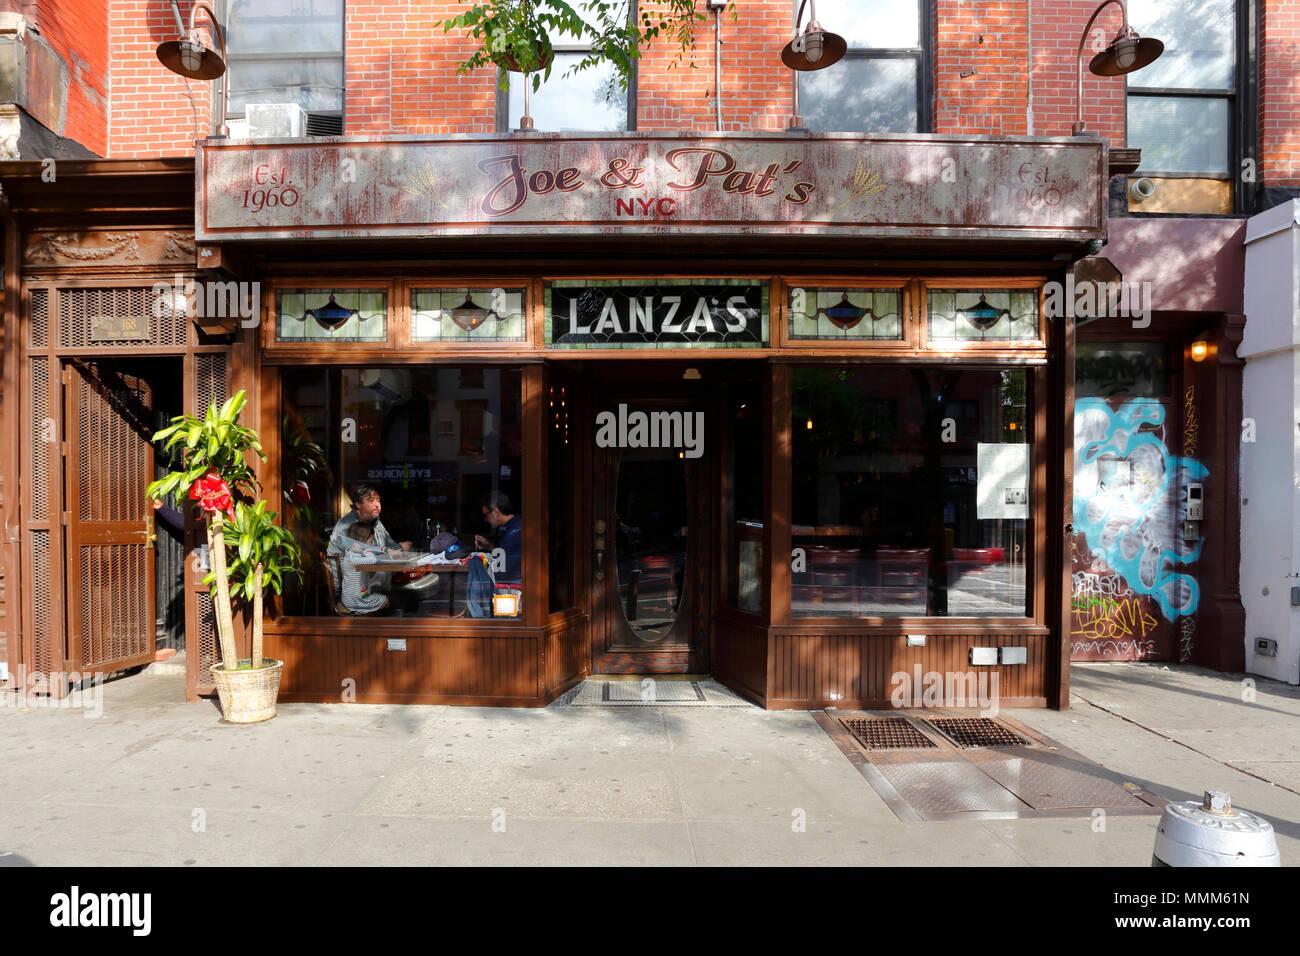 Joe and Pat's Pizzeria, 168 1st Avenue, New York, NY - Stock Image